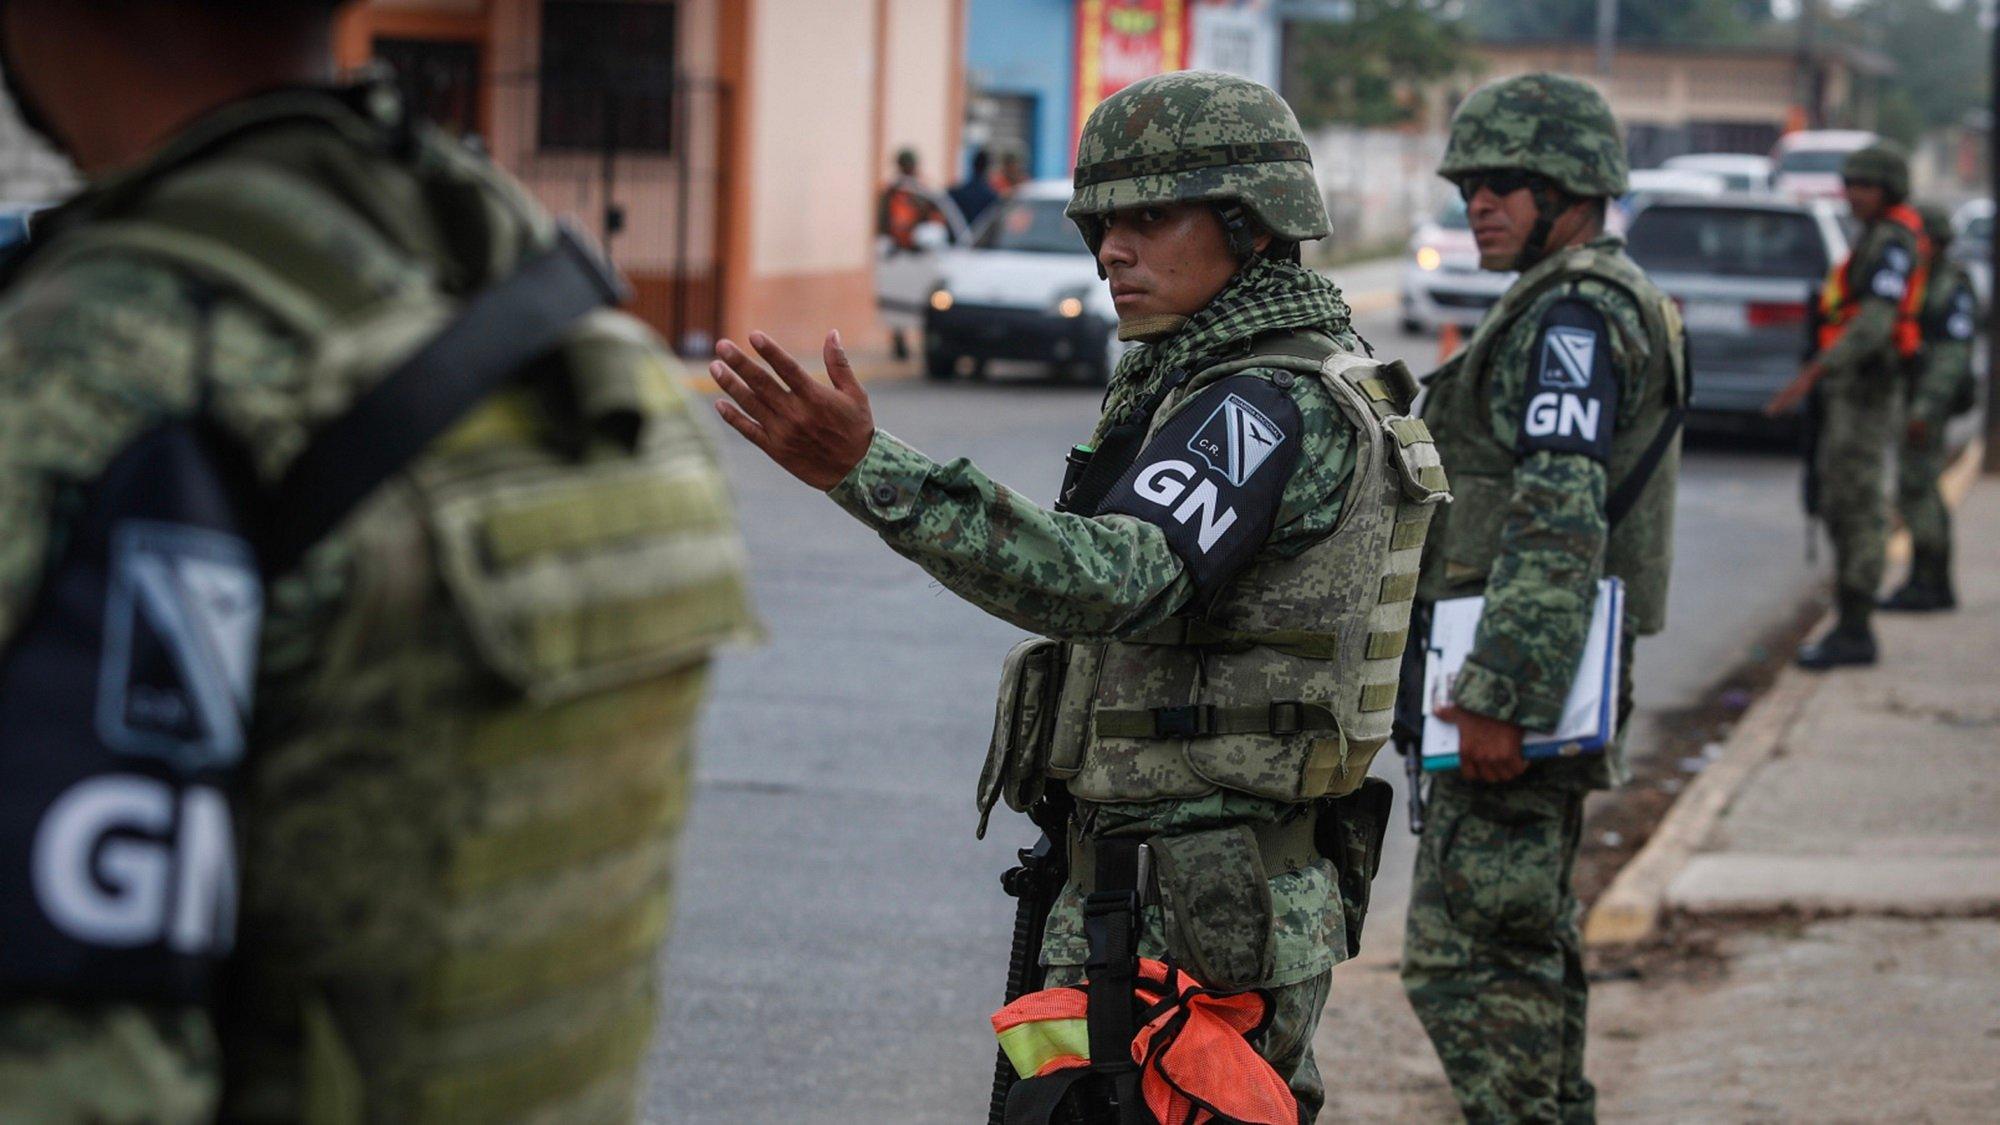 Sedena, Semar y GN refuerzan patrullajes en CDMX durante cuarentena